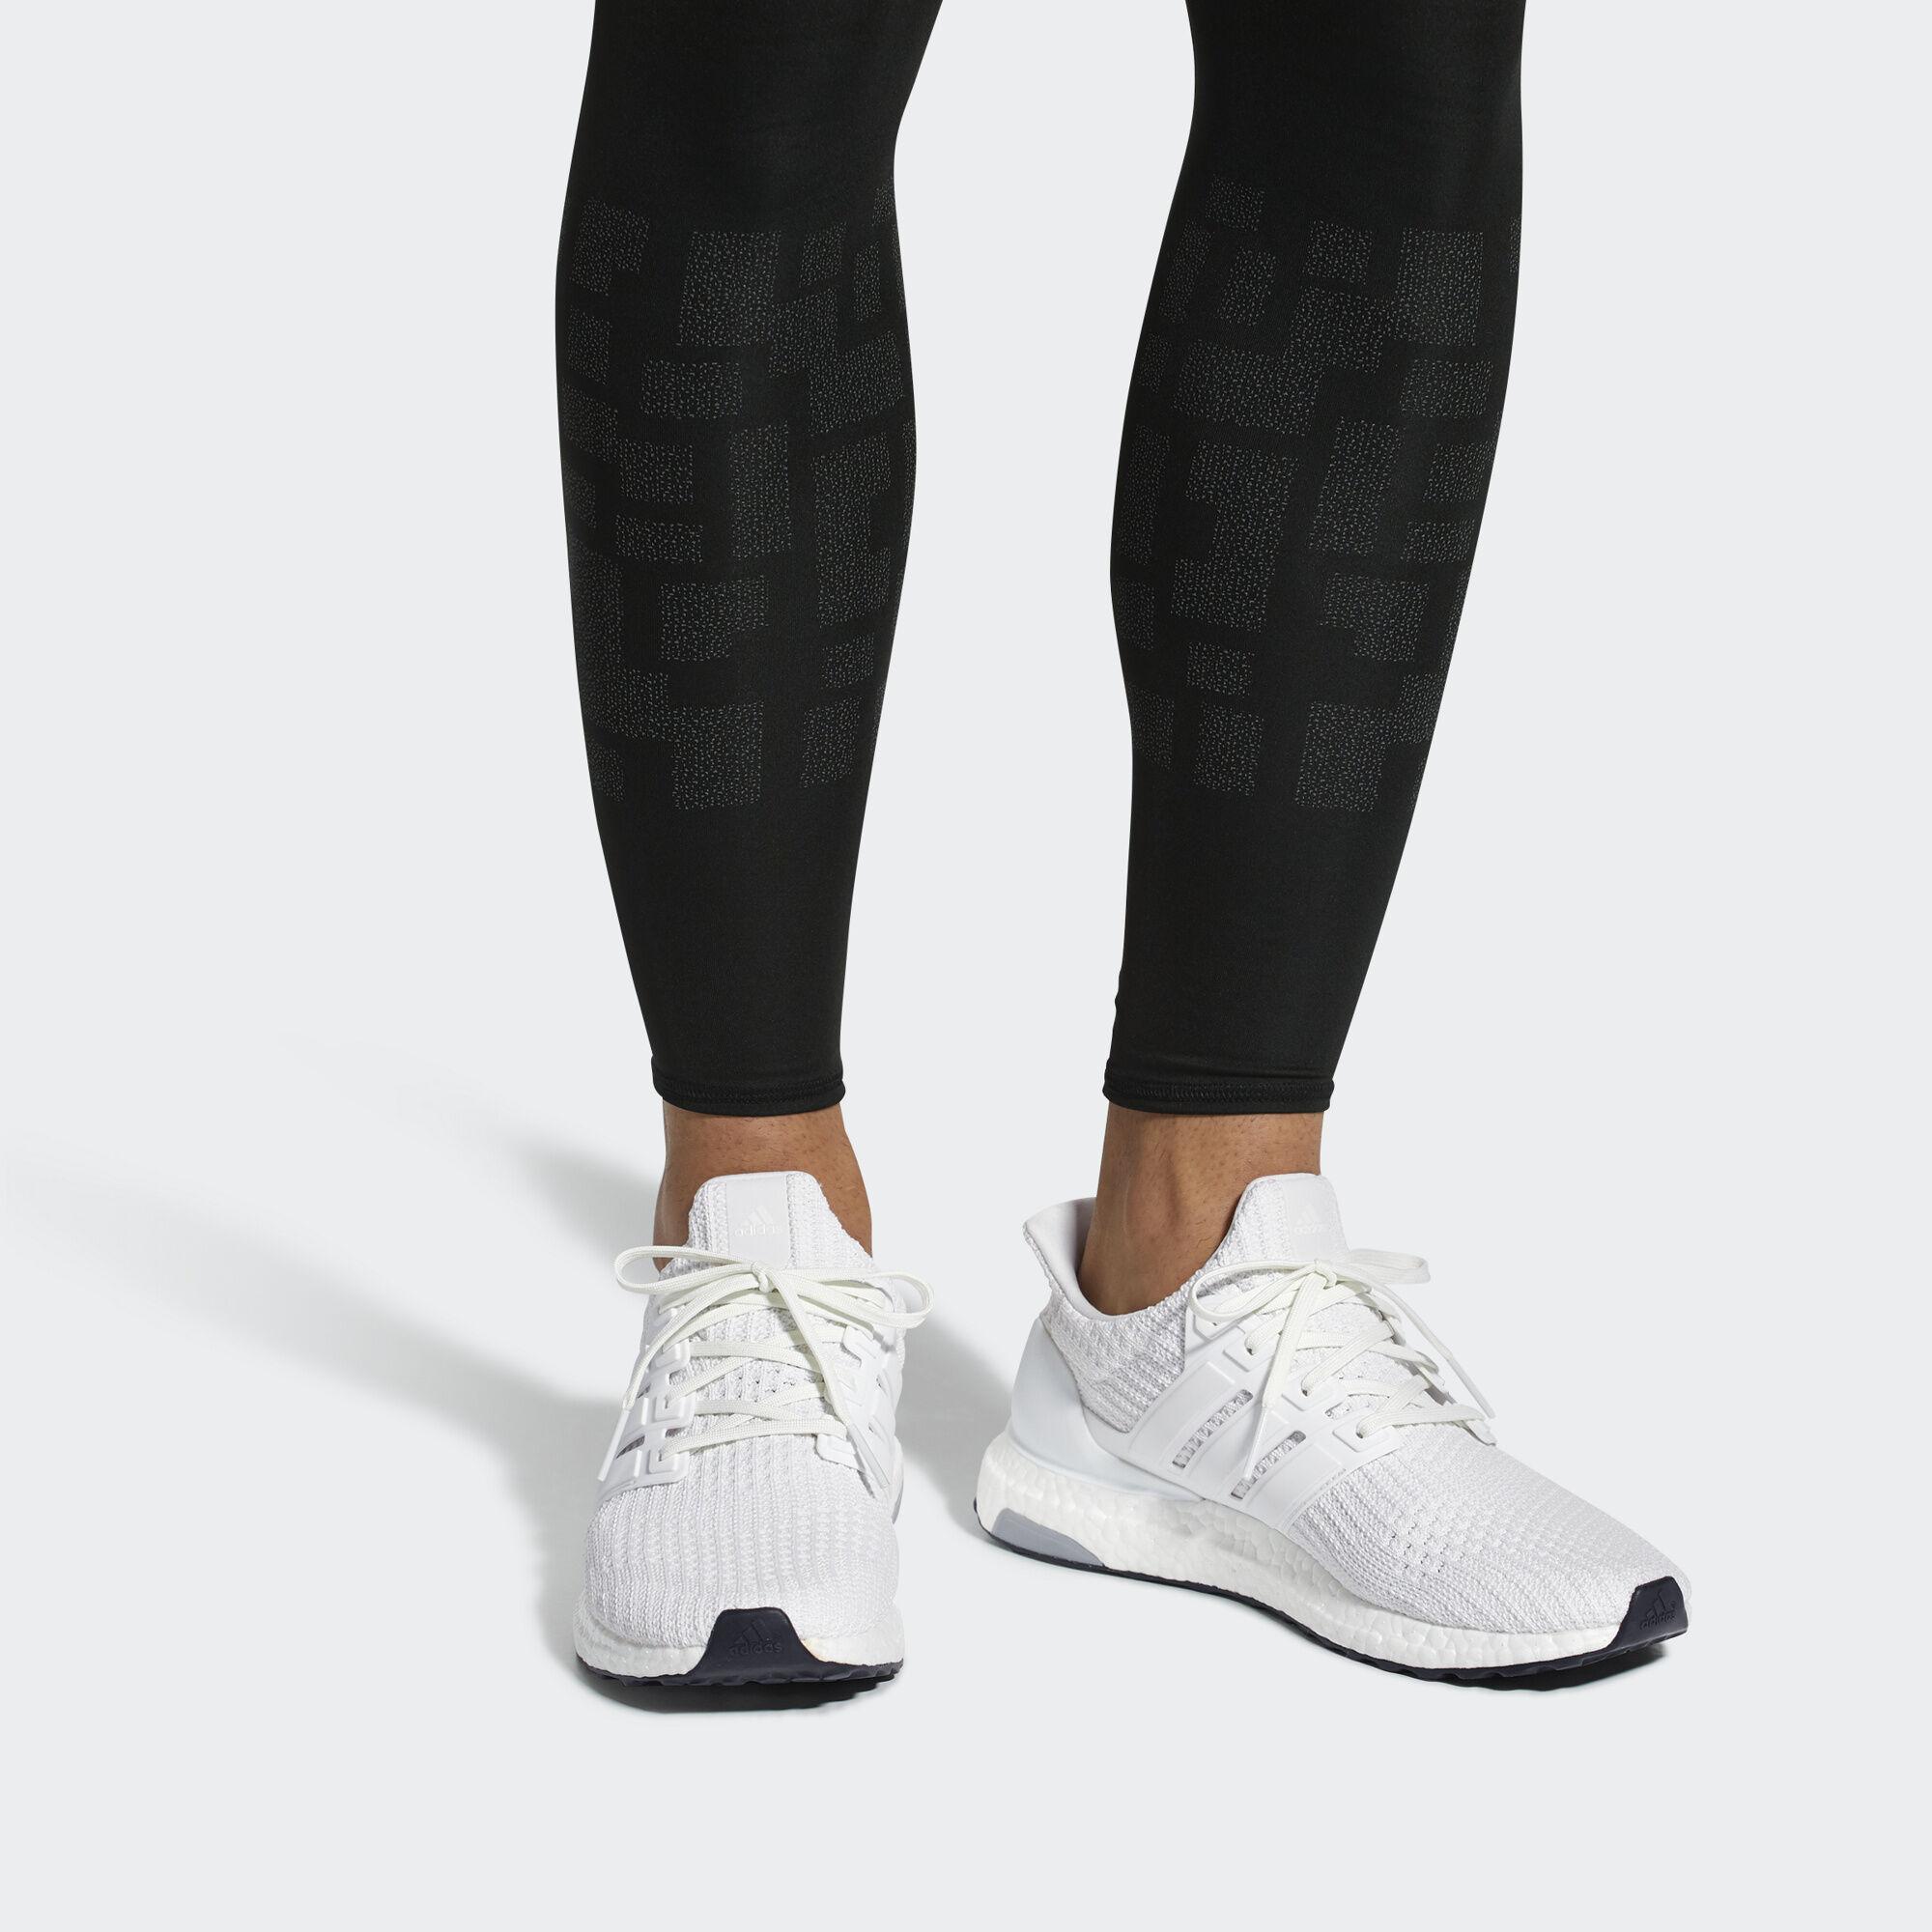 2018 美國必買品牌 adidas Ultraboost Shoes 美國outlet @ Debby的部落格 :: 痞客邦